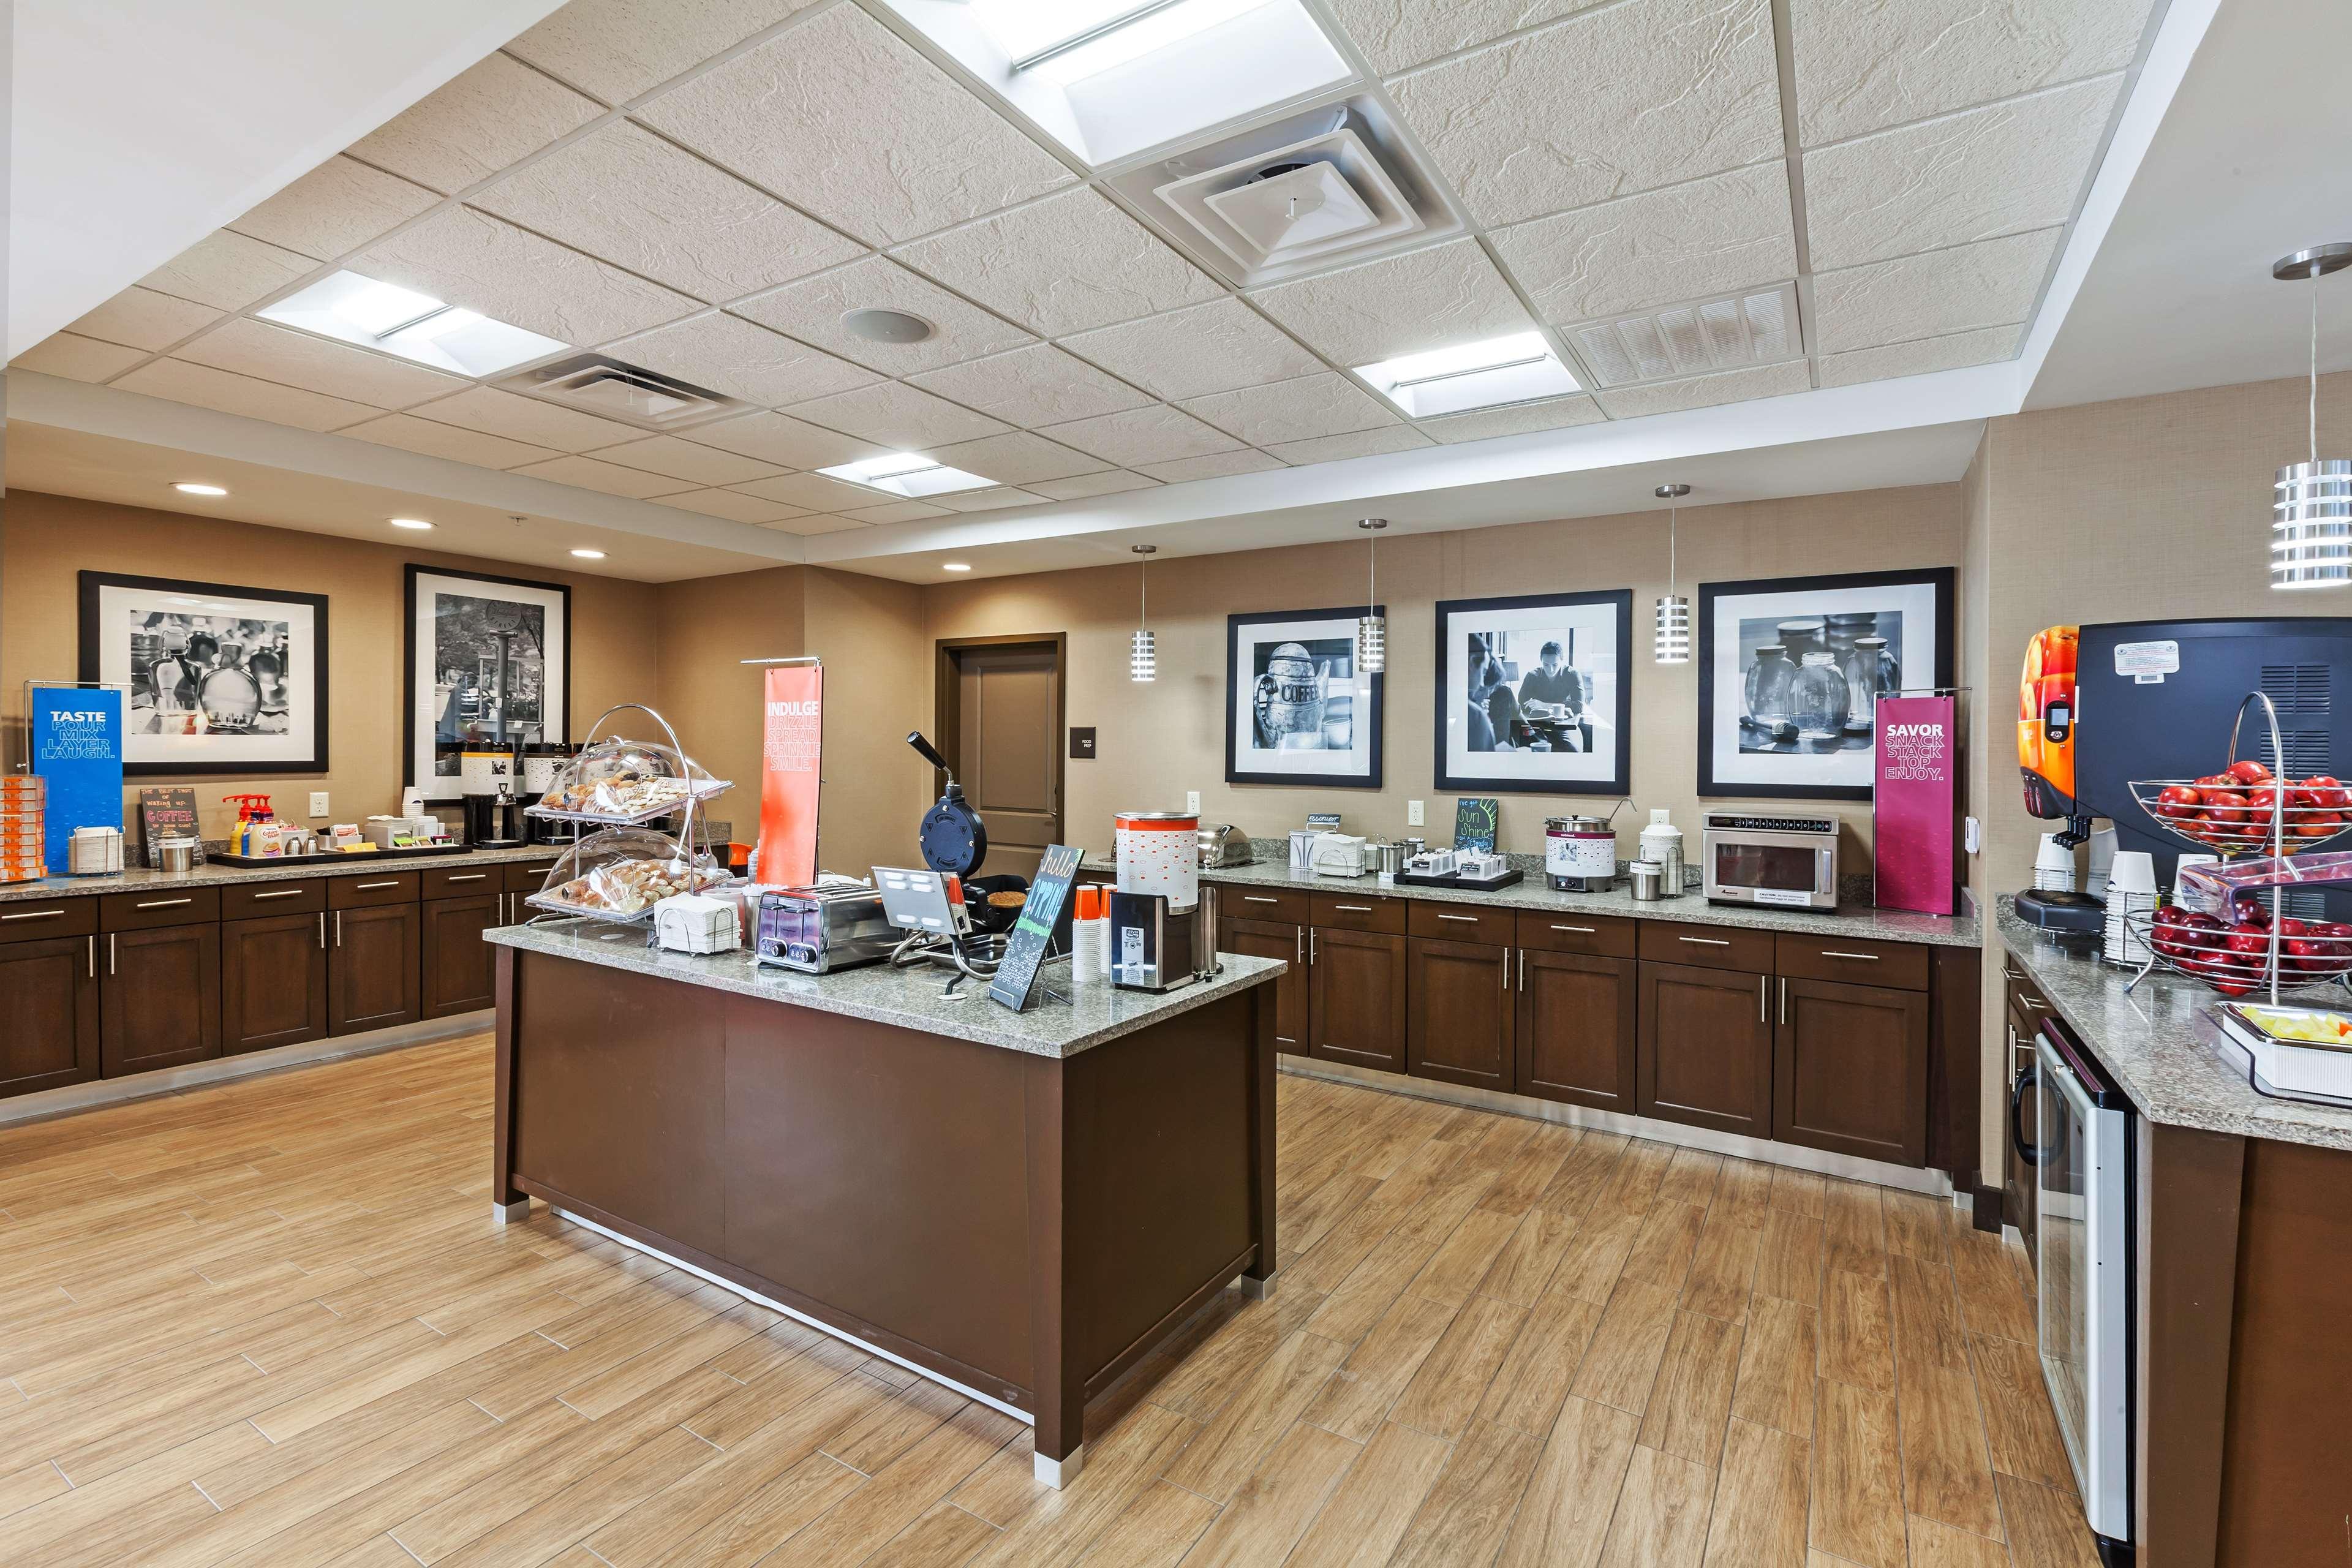 Hampton Inn & Suites Claremore image 12